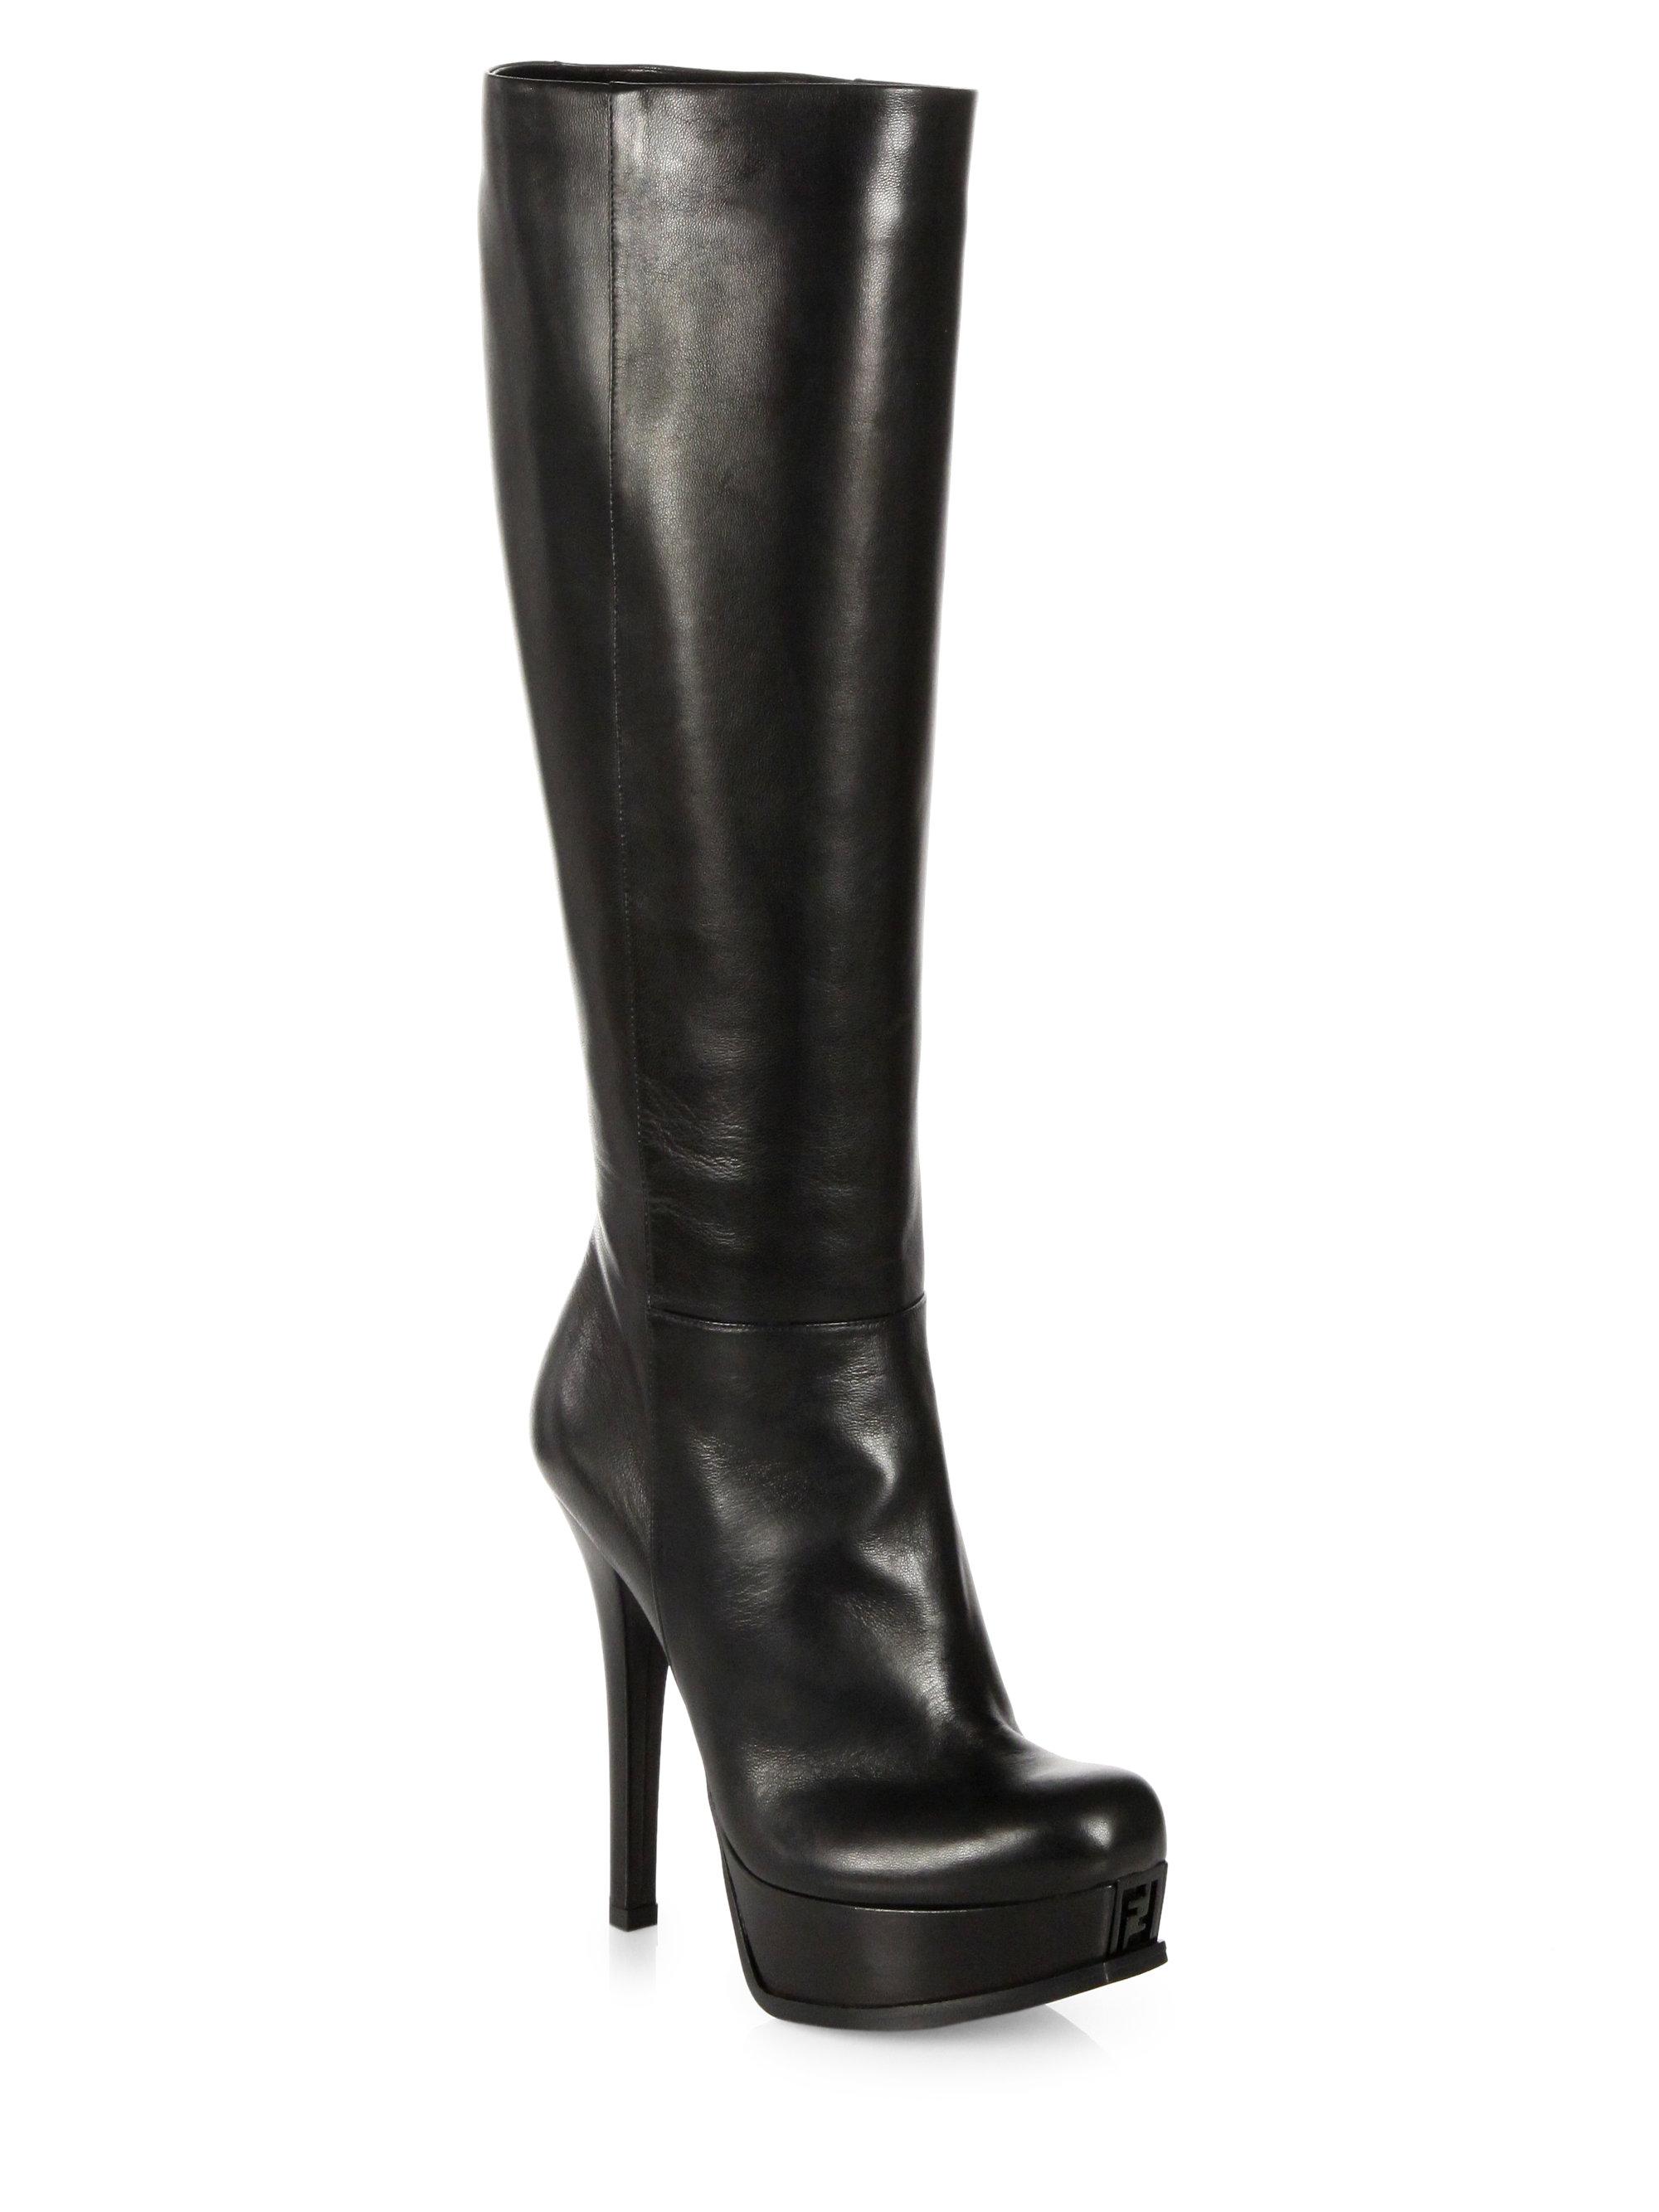 Fendi Sta Leather Kneehigh Platform Boots in Black | Lyst